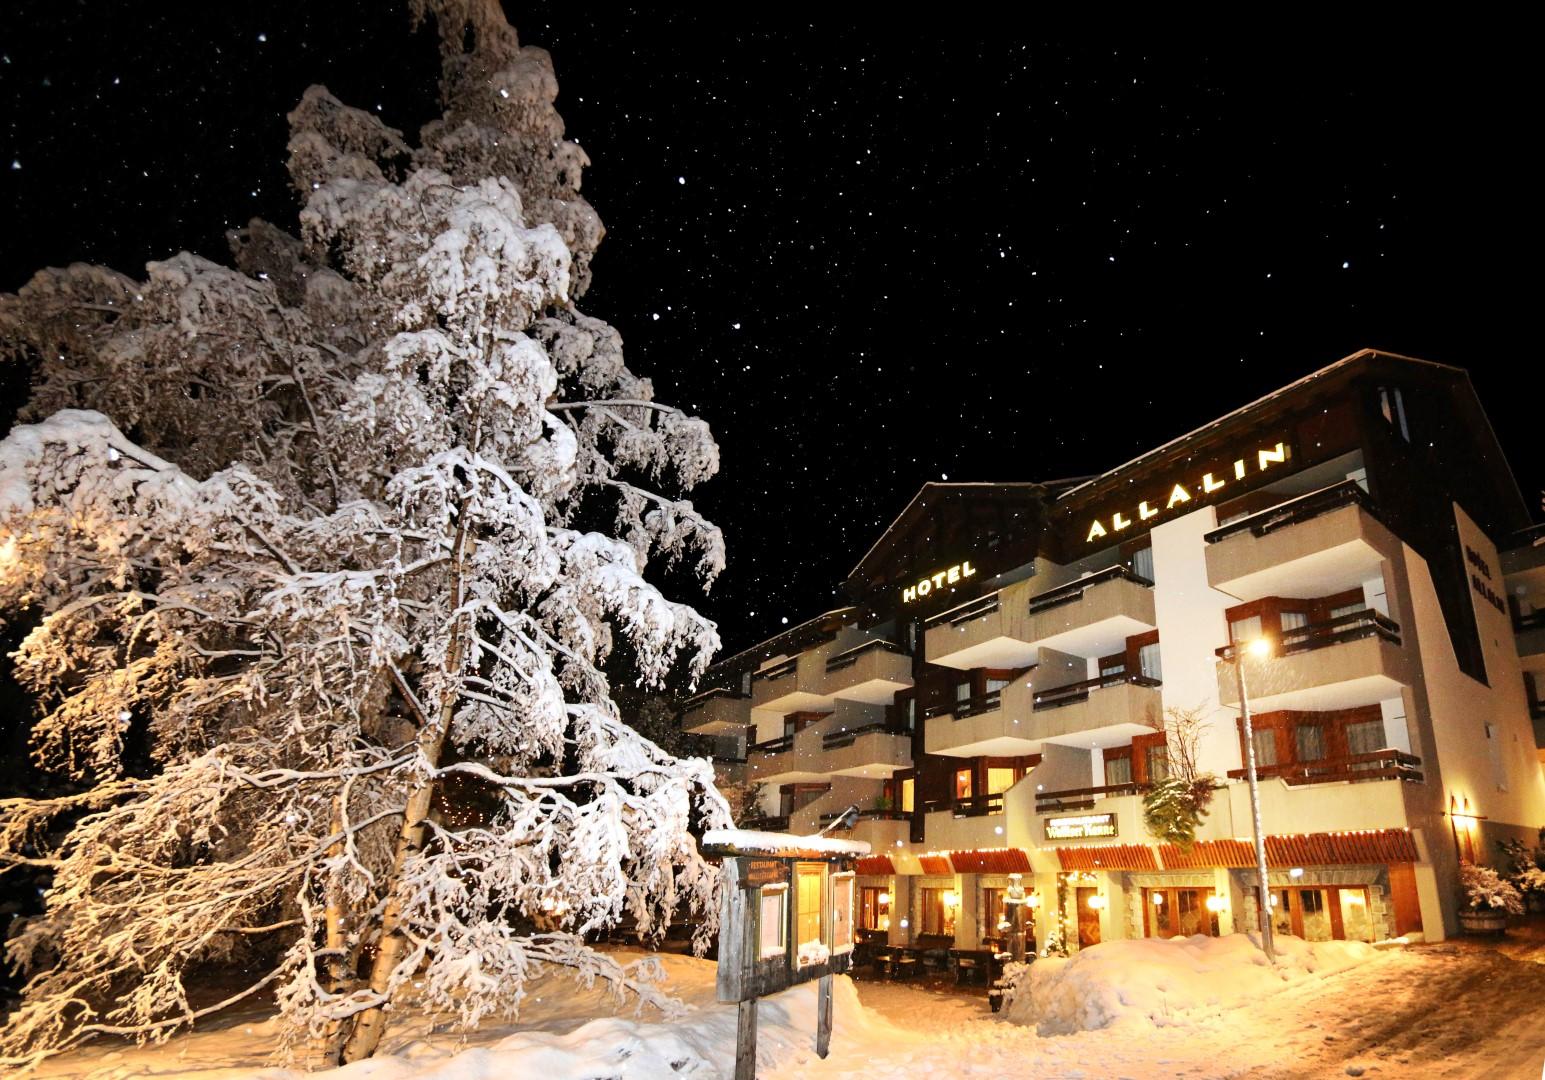 Hotel Allalin Nachts